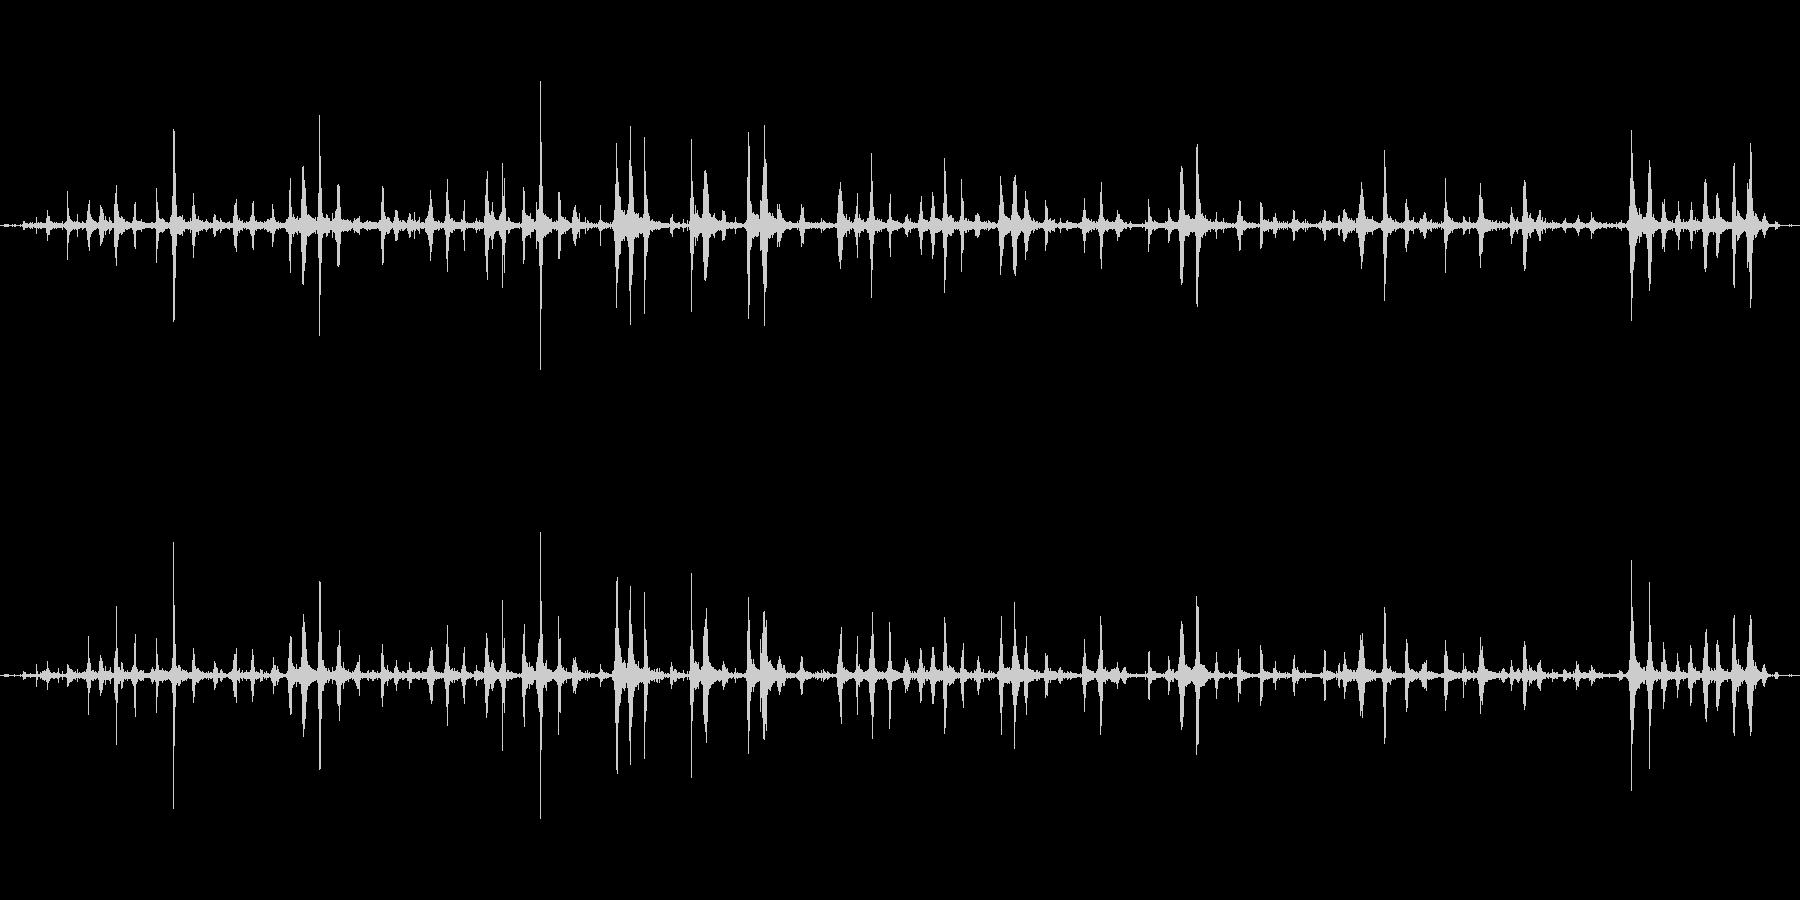 【ASMR】波打ち際から聞こえる静かな音の未再生の波形